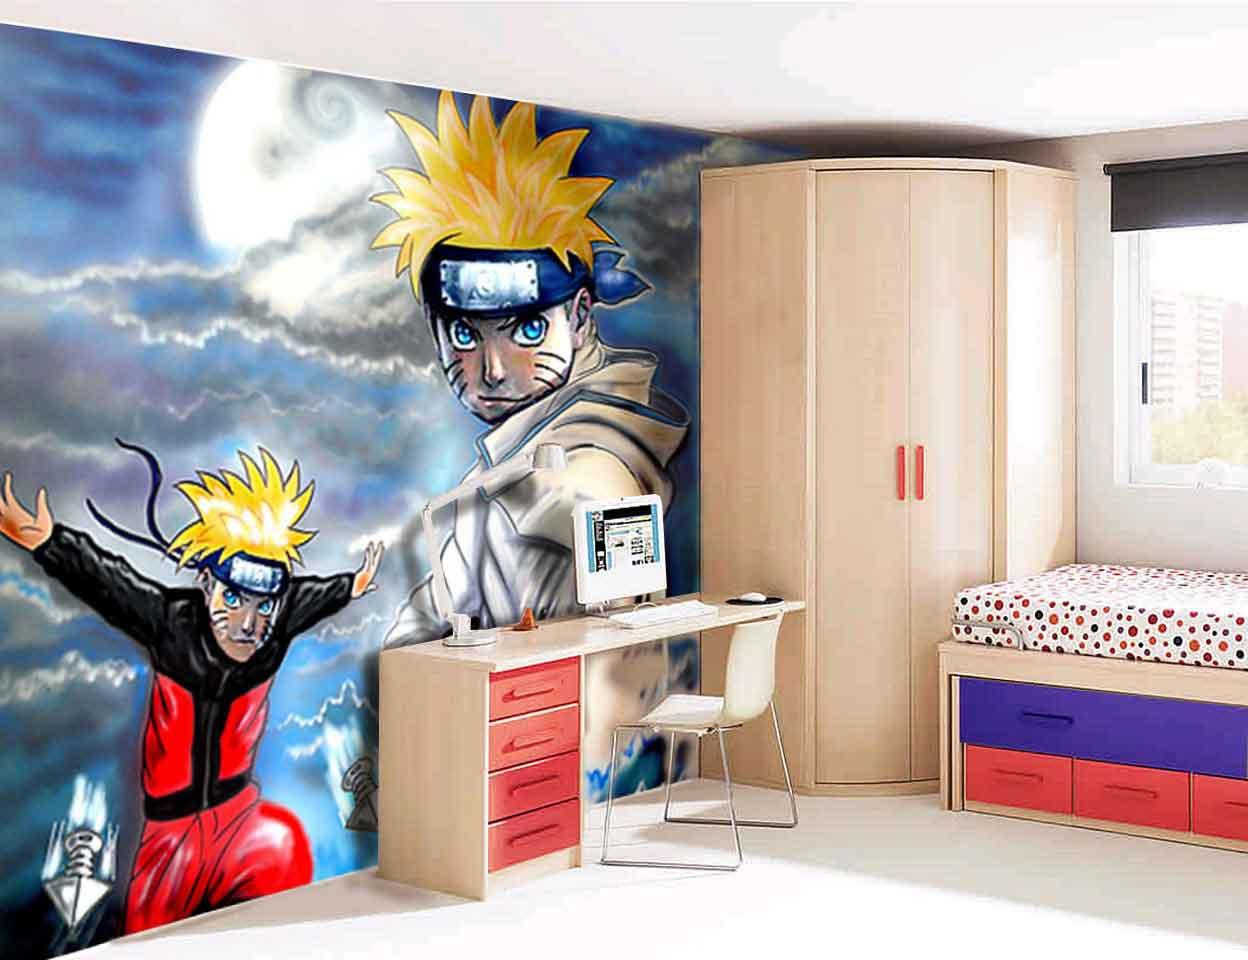 Grafite em quartos 21 3606 1760 grafites em quartos 21 for Cuartos decorados de dragon ball z